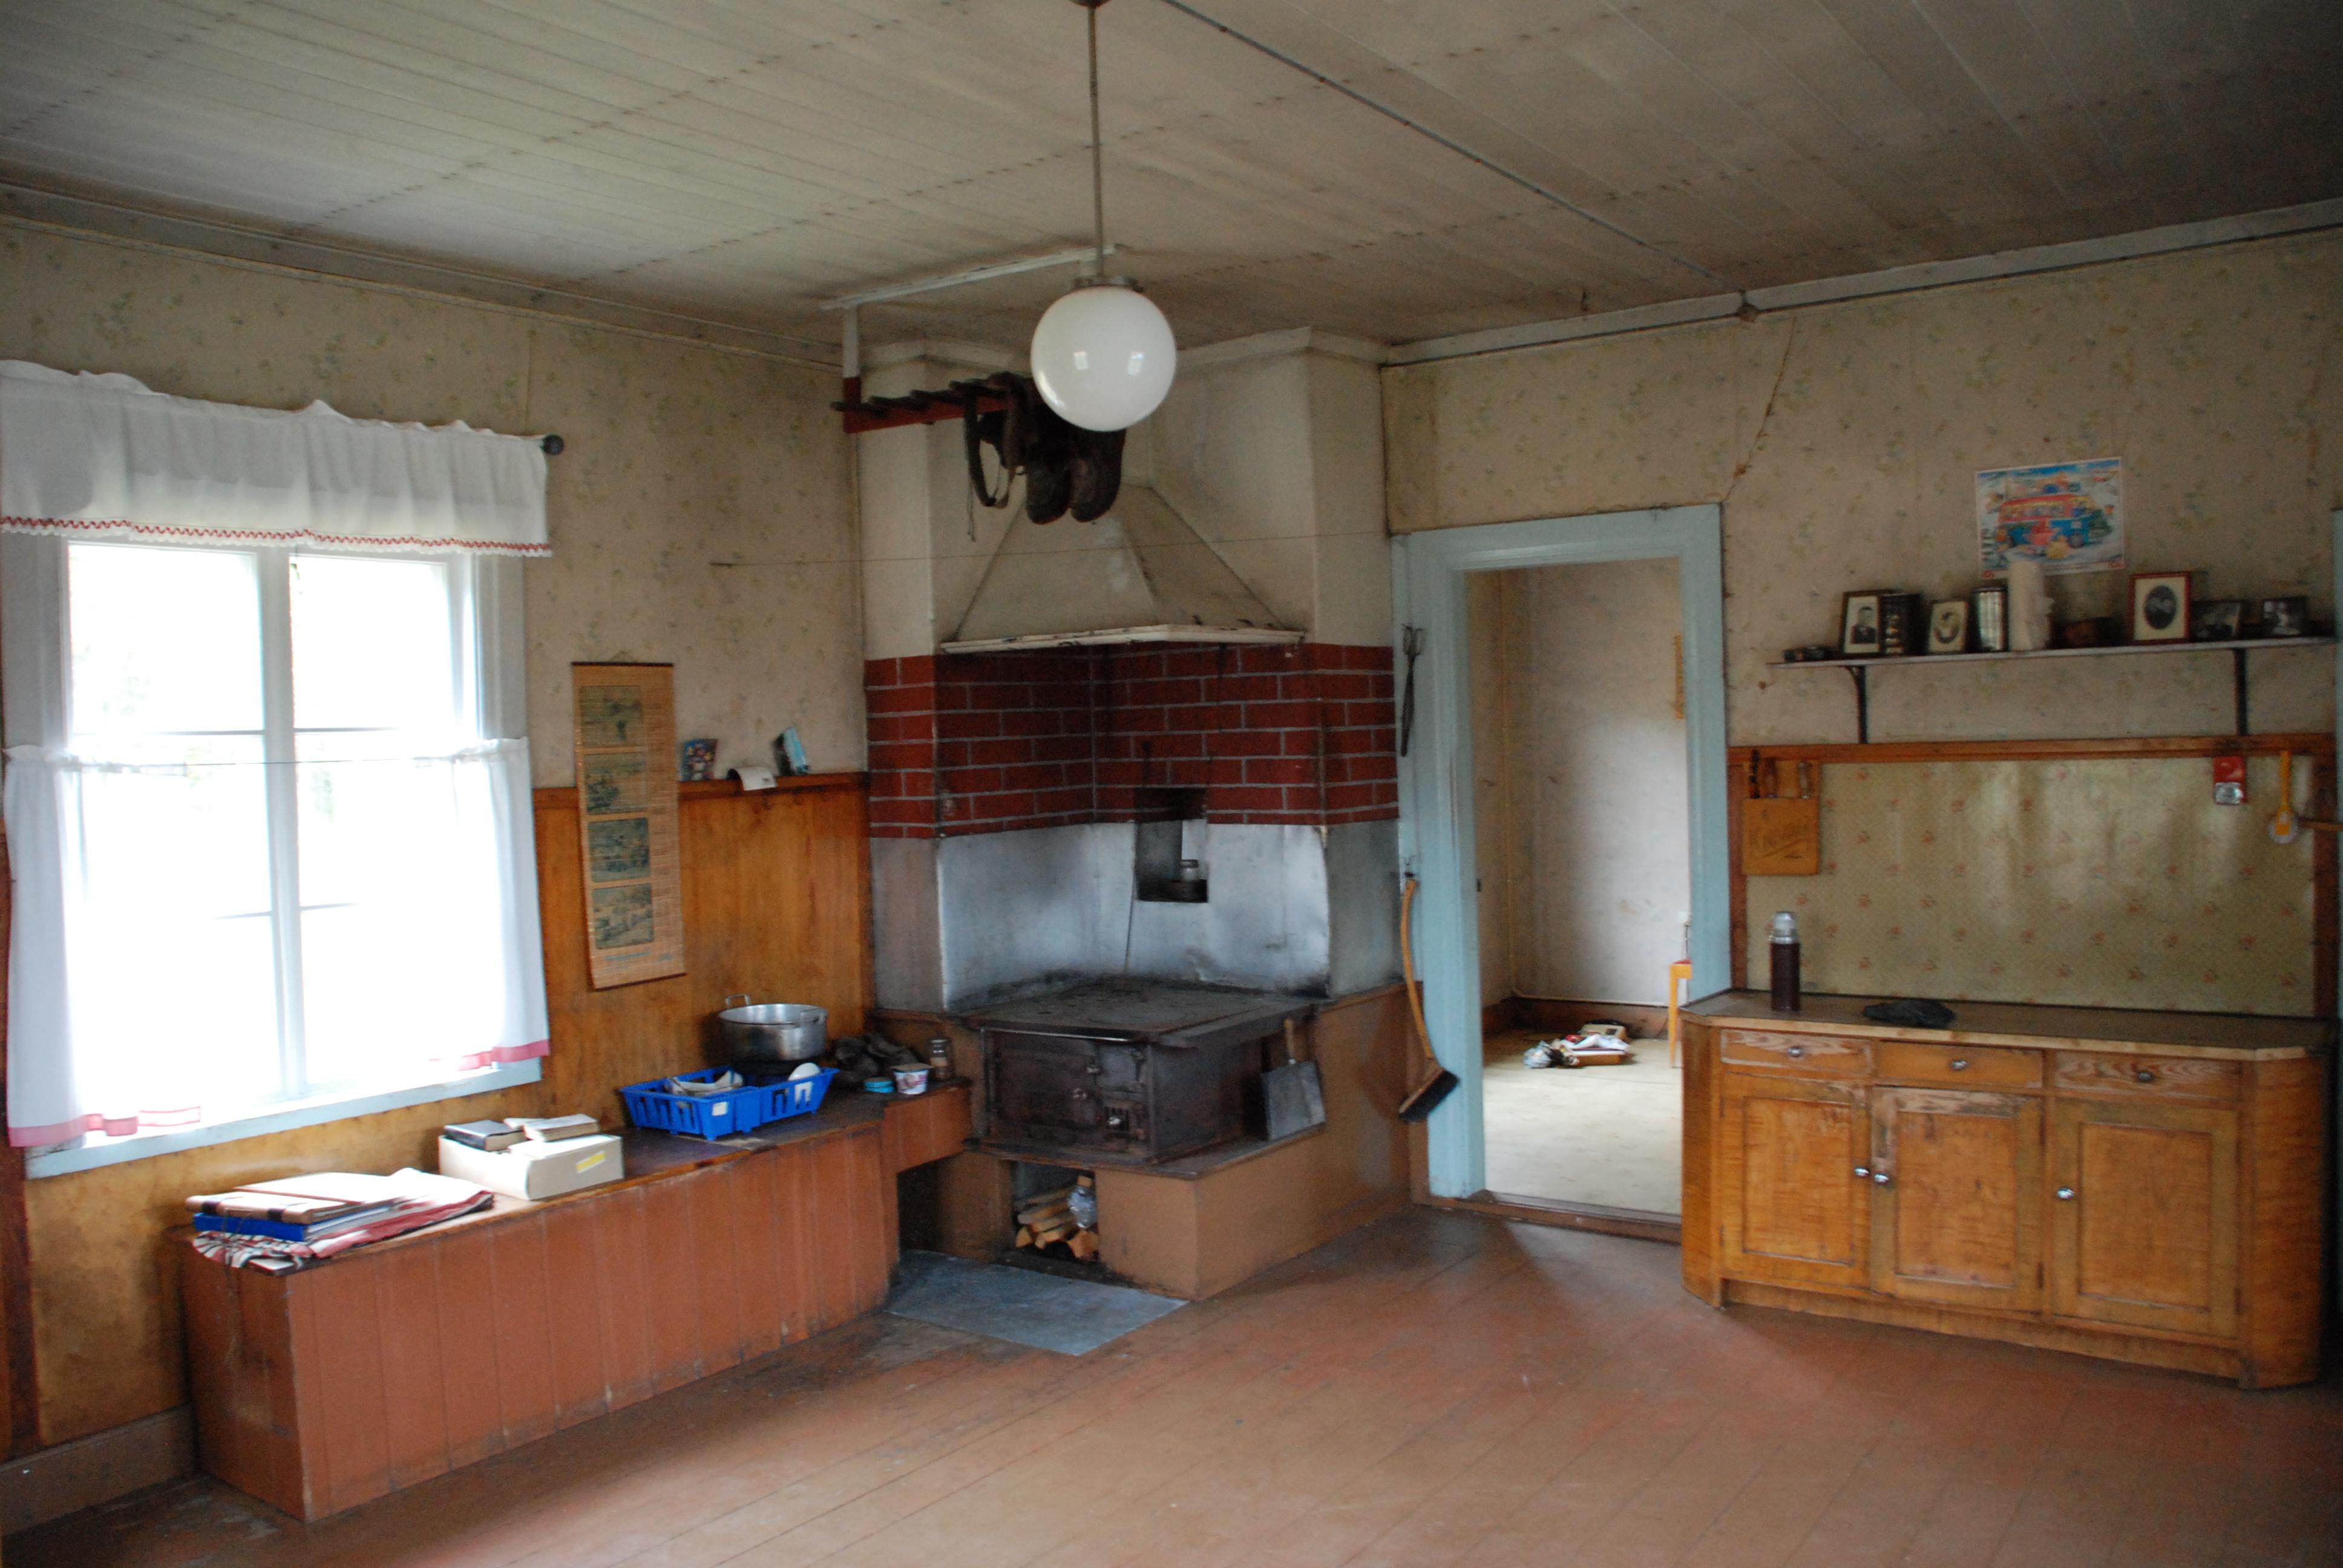 Modernt Kok I Gammalt Hus : modernt kok i gammalt hus  Kok i gamla hus Bygga bo o karleriks